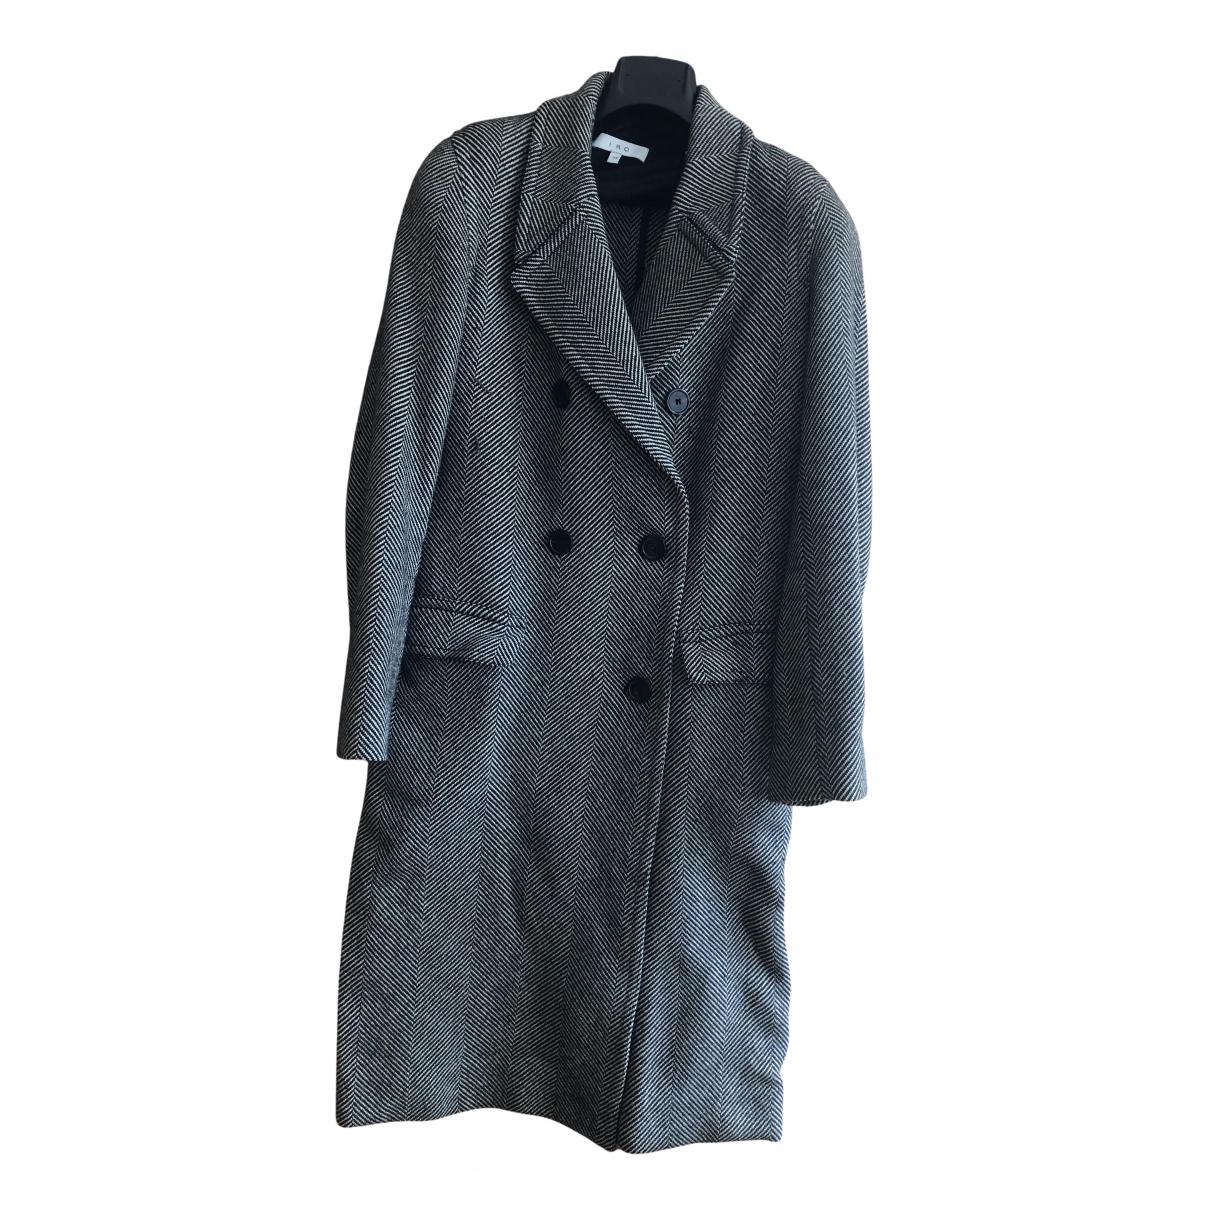 Iro - Manteau Fall Winter 2019 pour femme en laine - noir